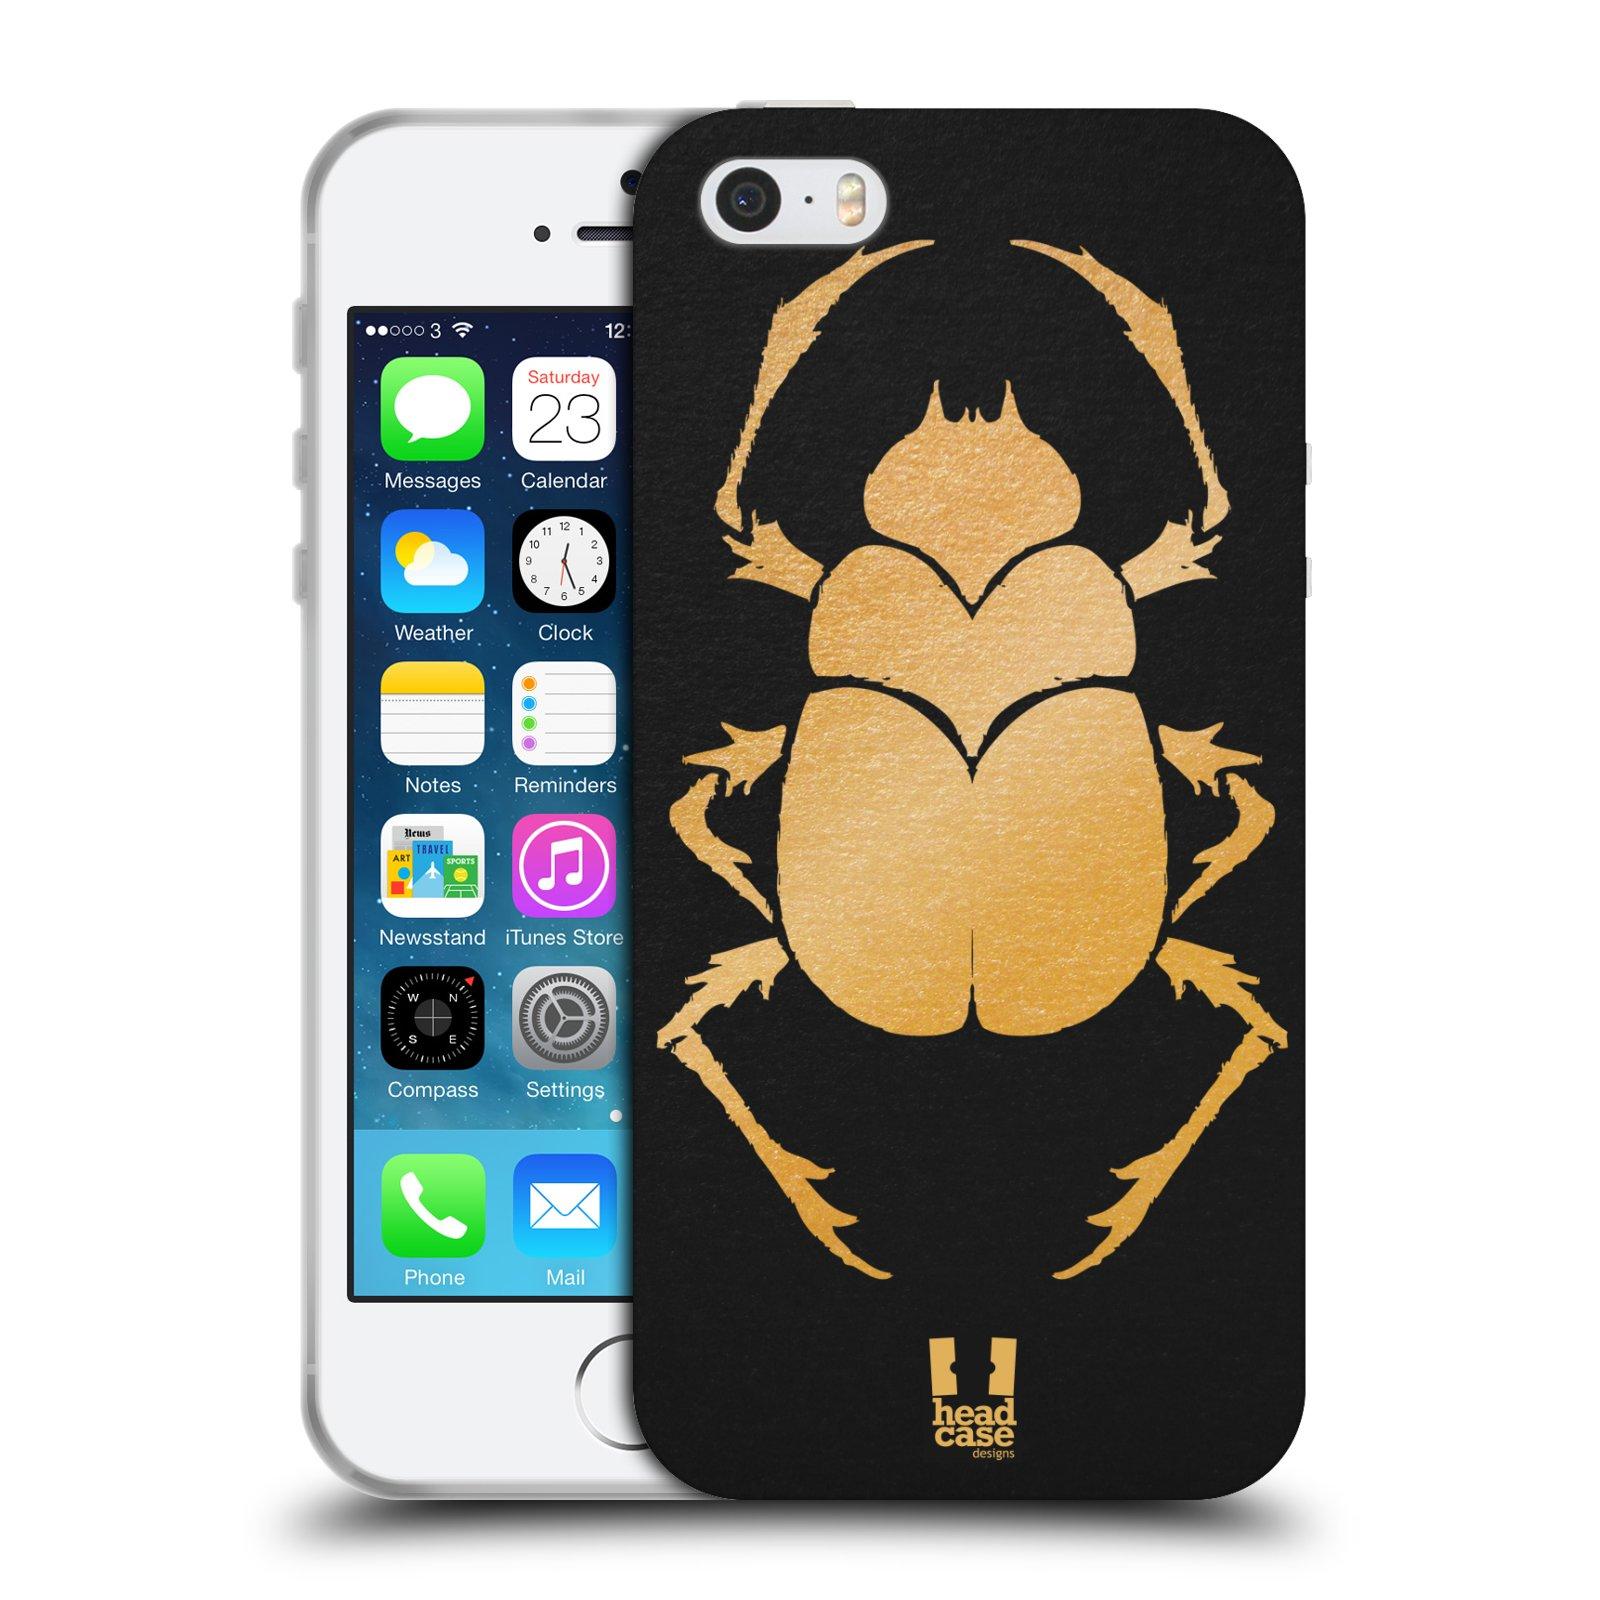 HEAD CASE silikonový obal na mobil Apple Iphone 5/5S vzor EGYPT zlatá a černá BROUK SKARAB